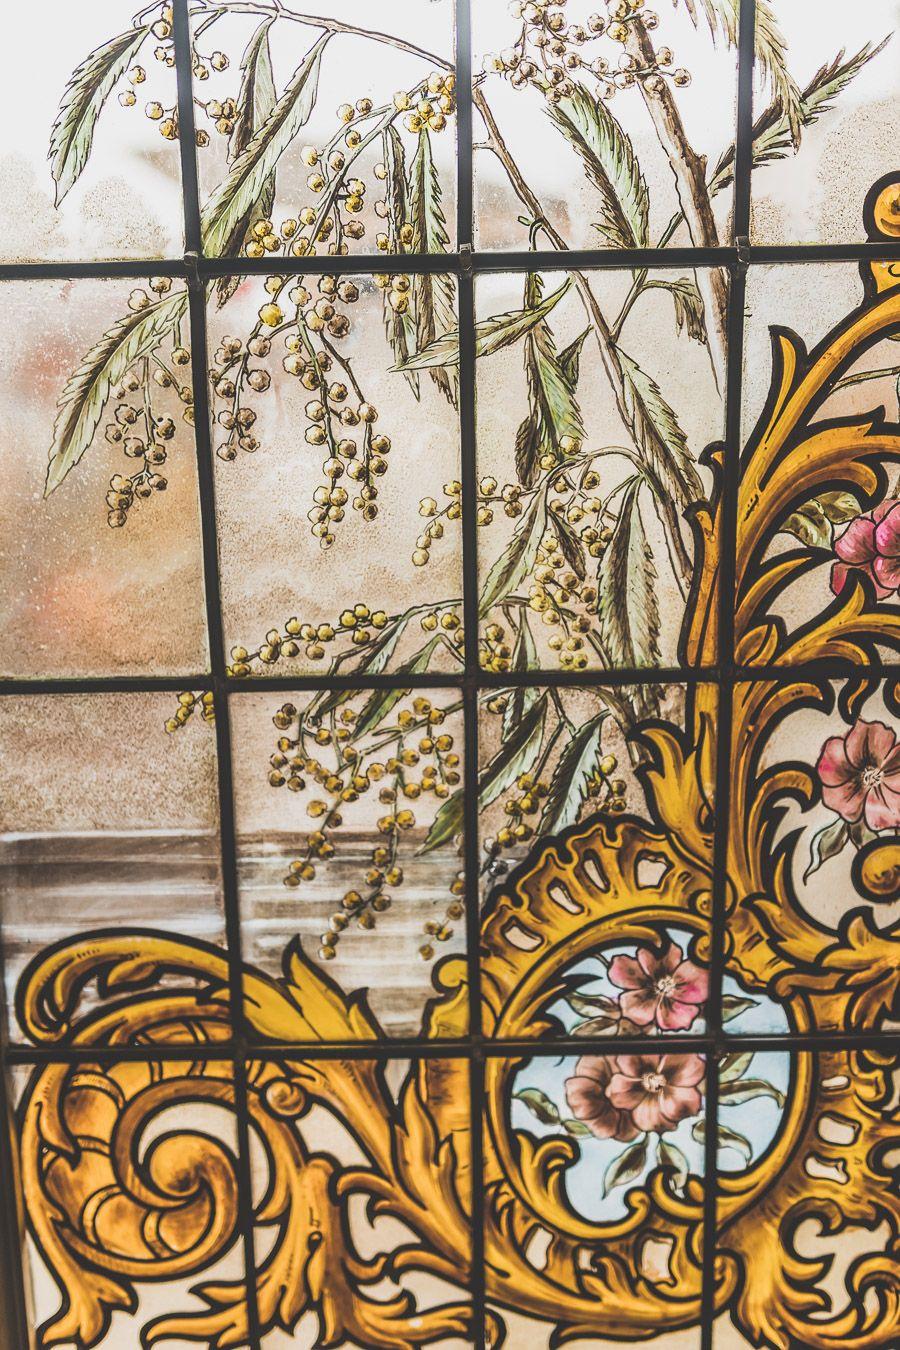 Vitraux de la Maison Claude Augé à l'Isle-Jourdain